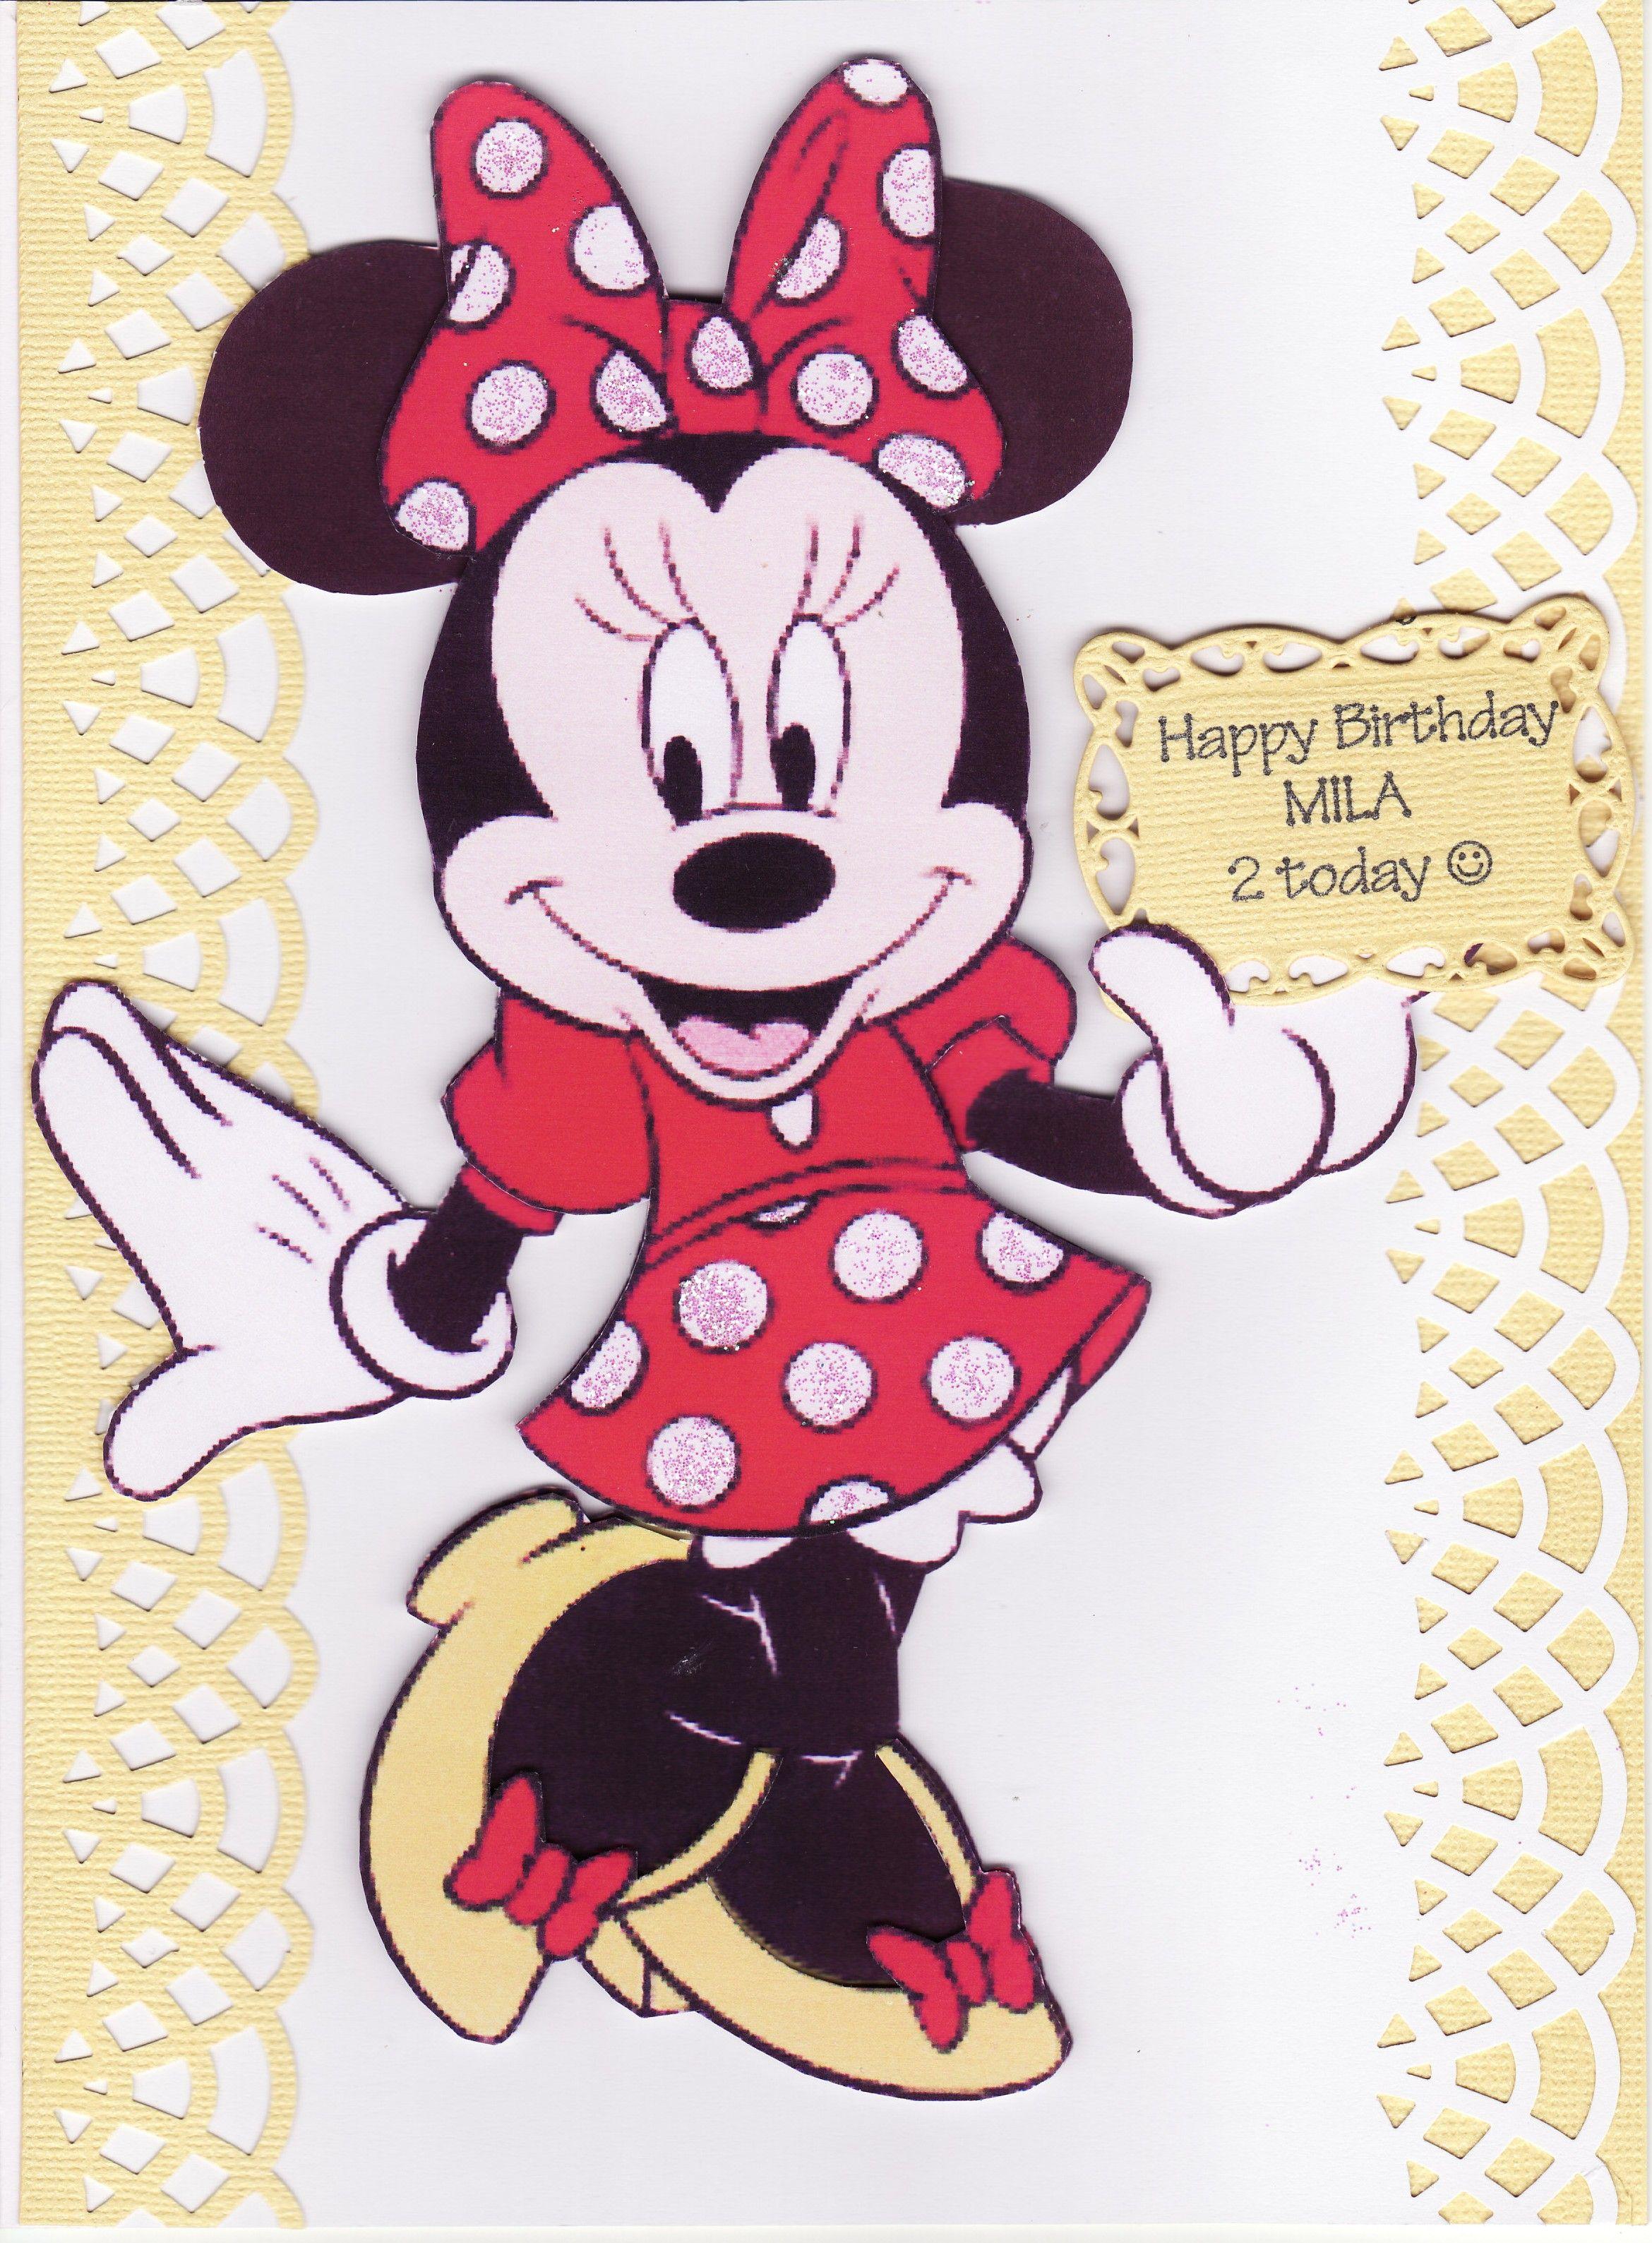 3D Minnie Mouse Birthday Card